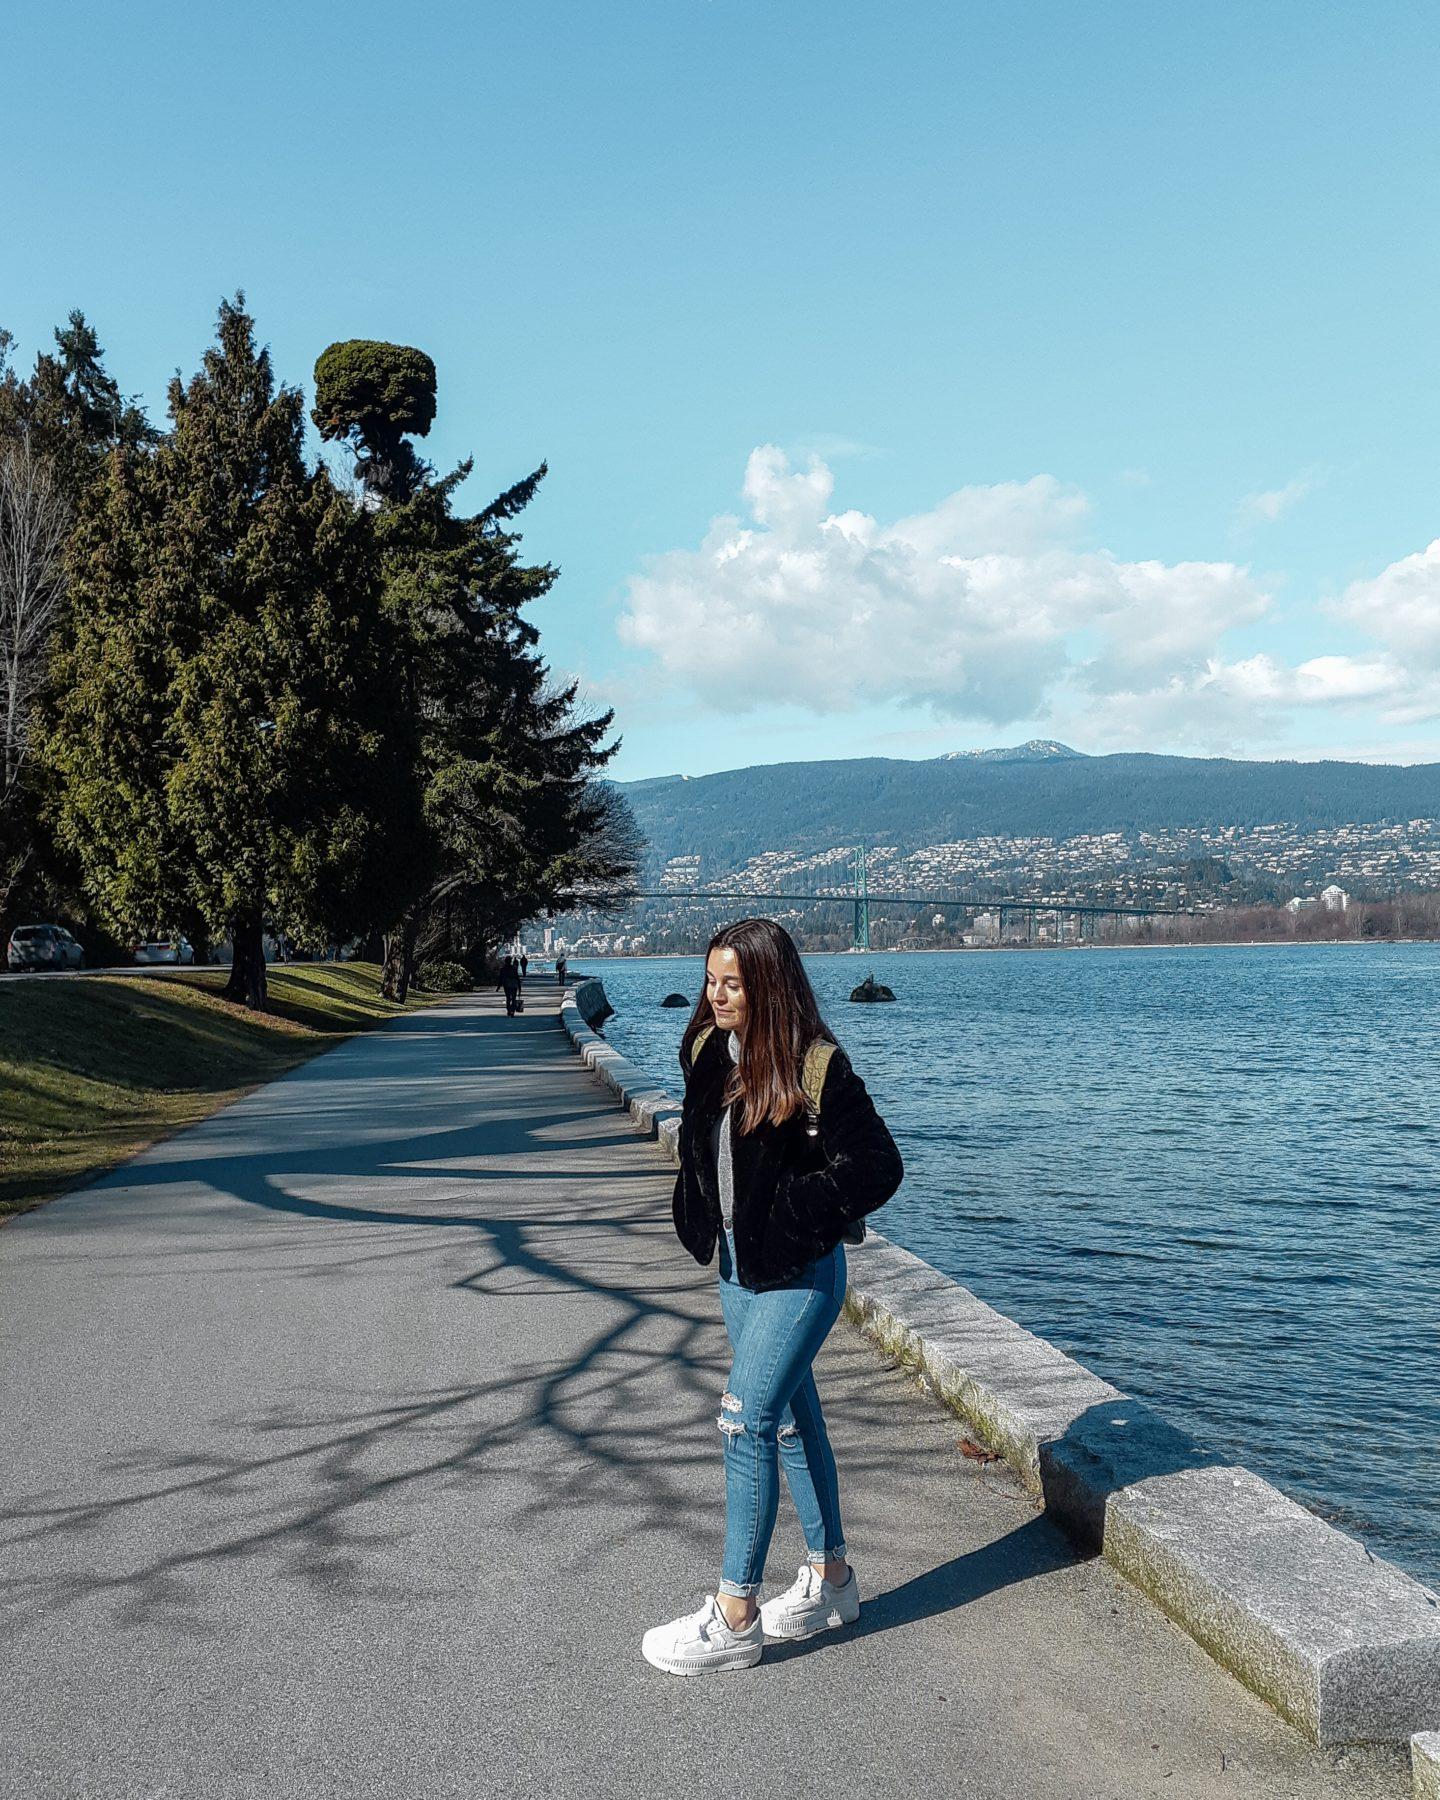 Estudiar & Trabajar en Canadá – Maider y su experiencia de trabajo en Vancouver